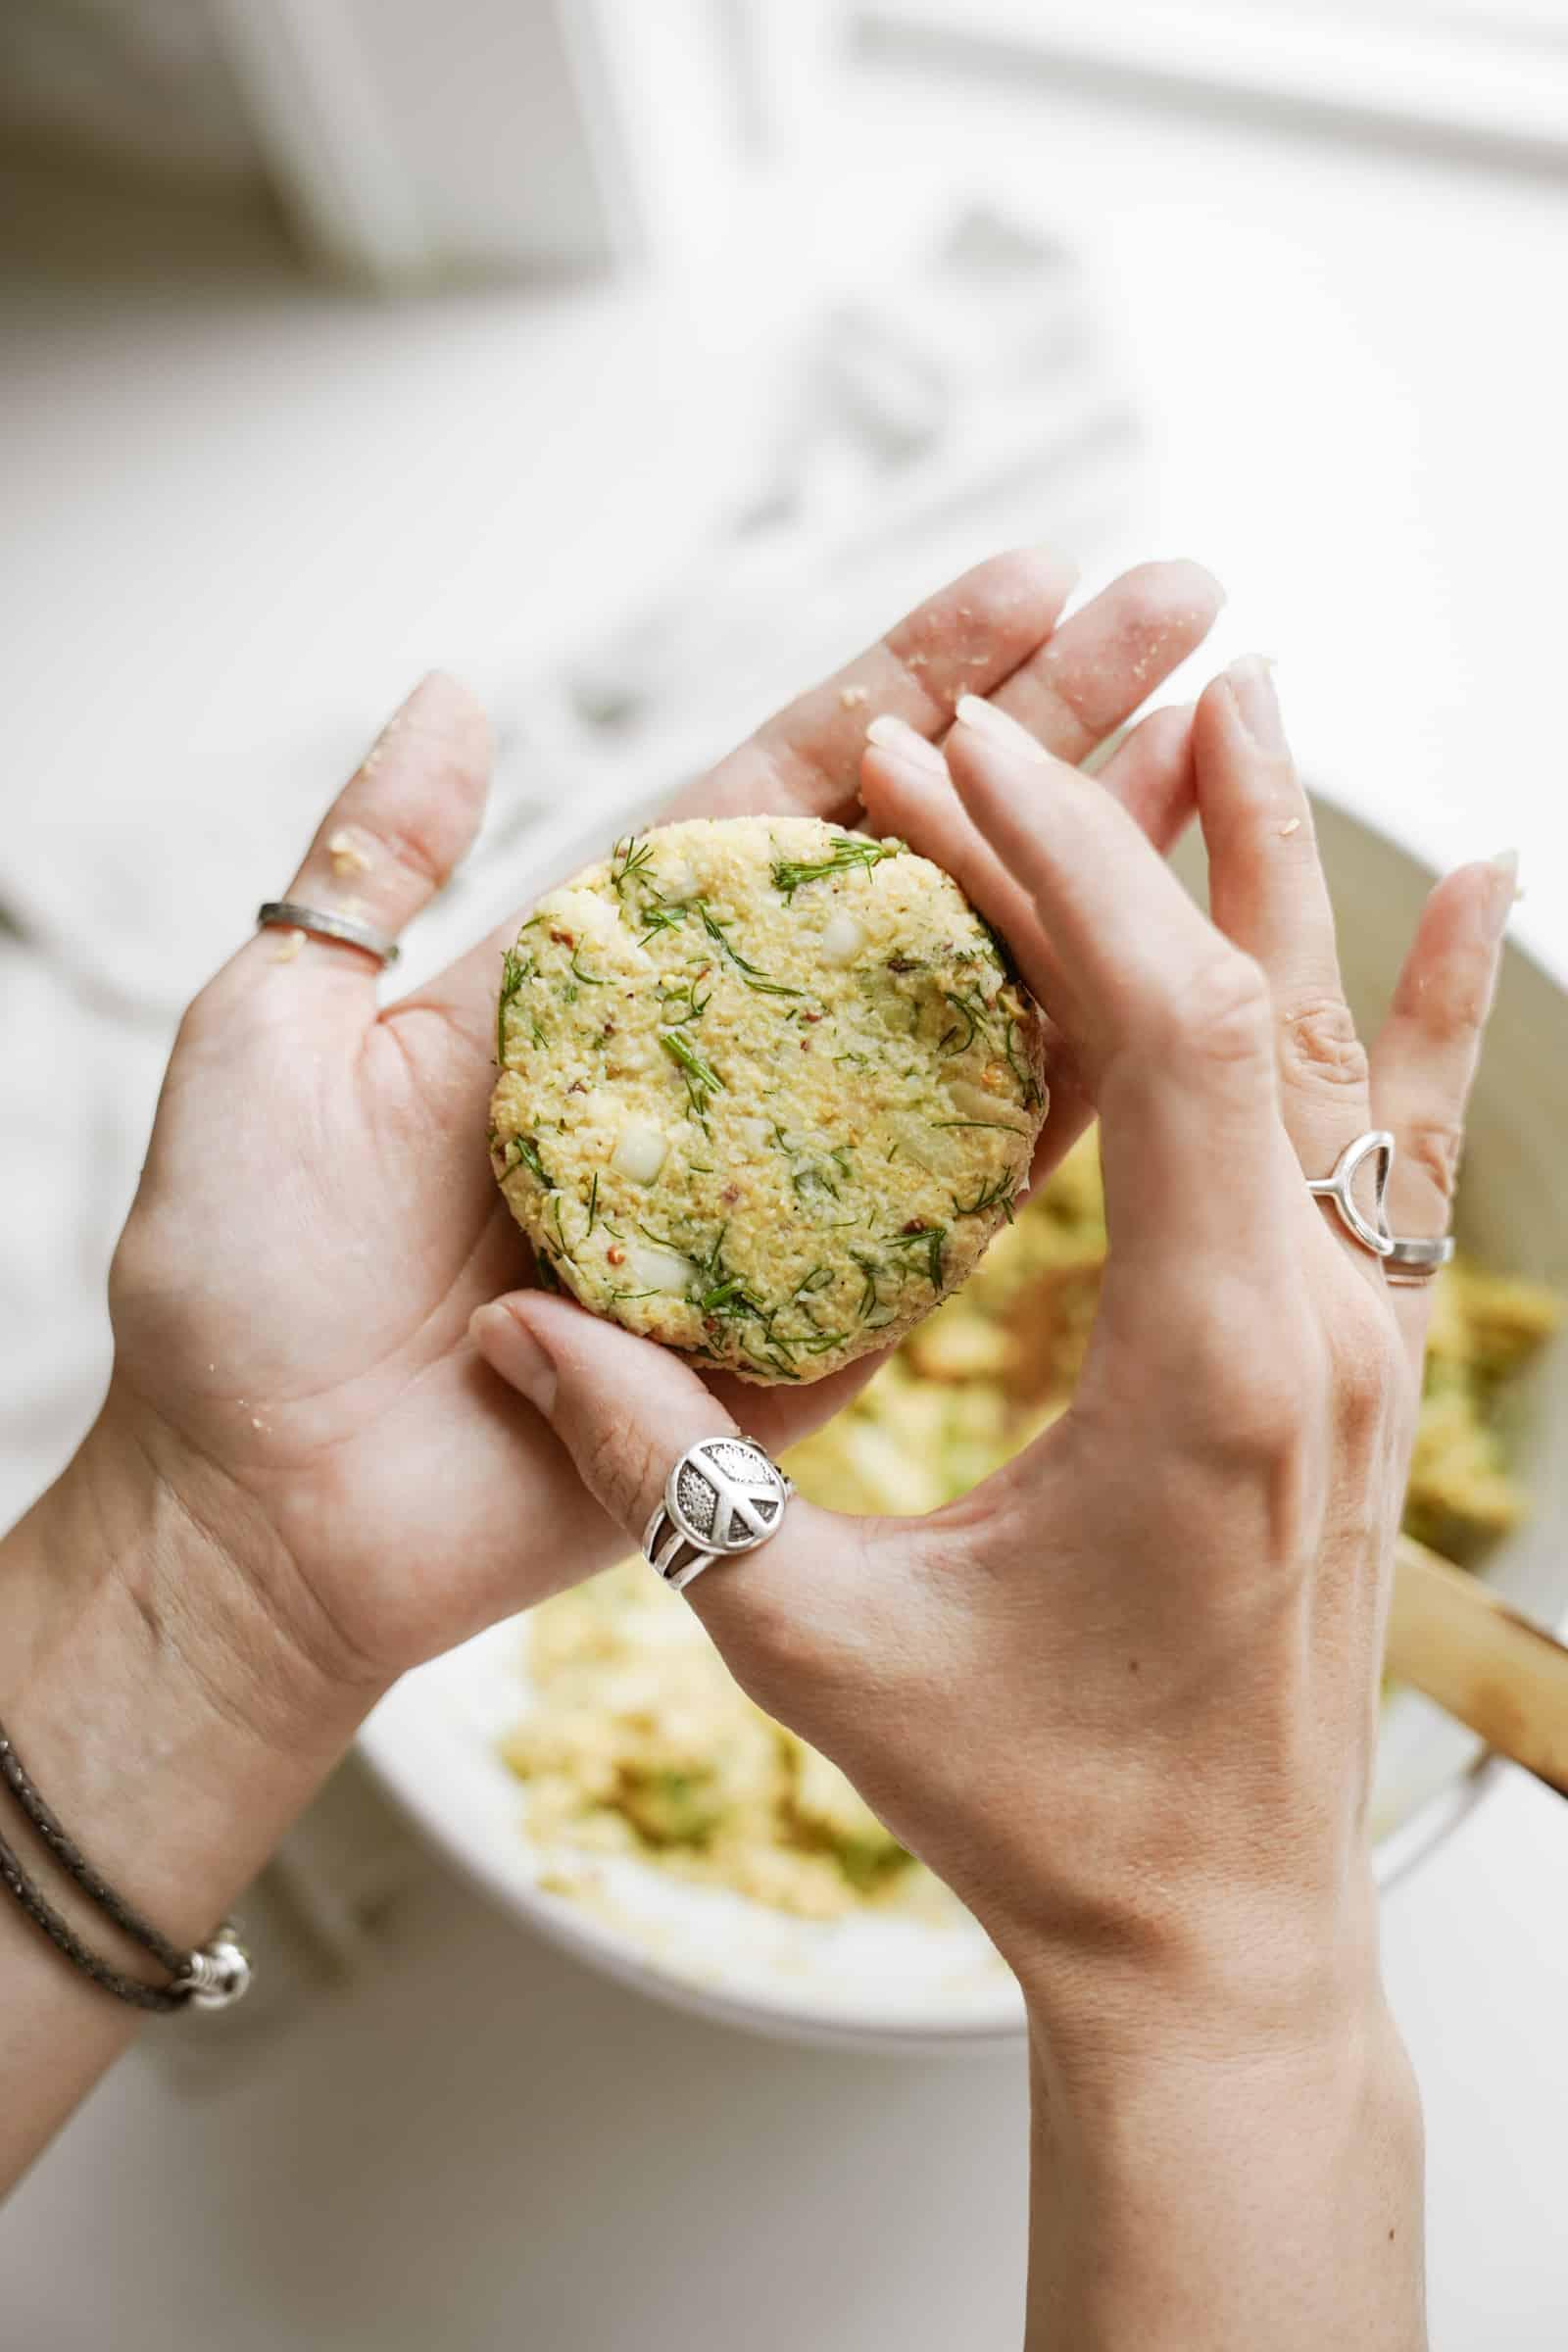 Hands forming vegan crab cakes